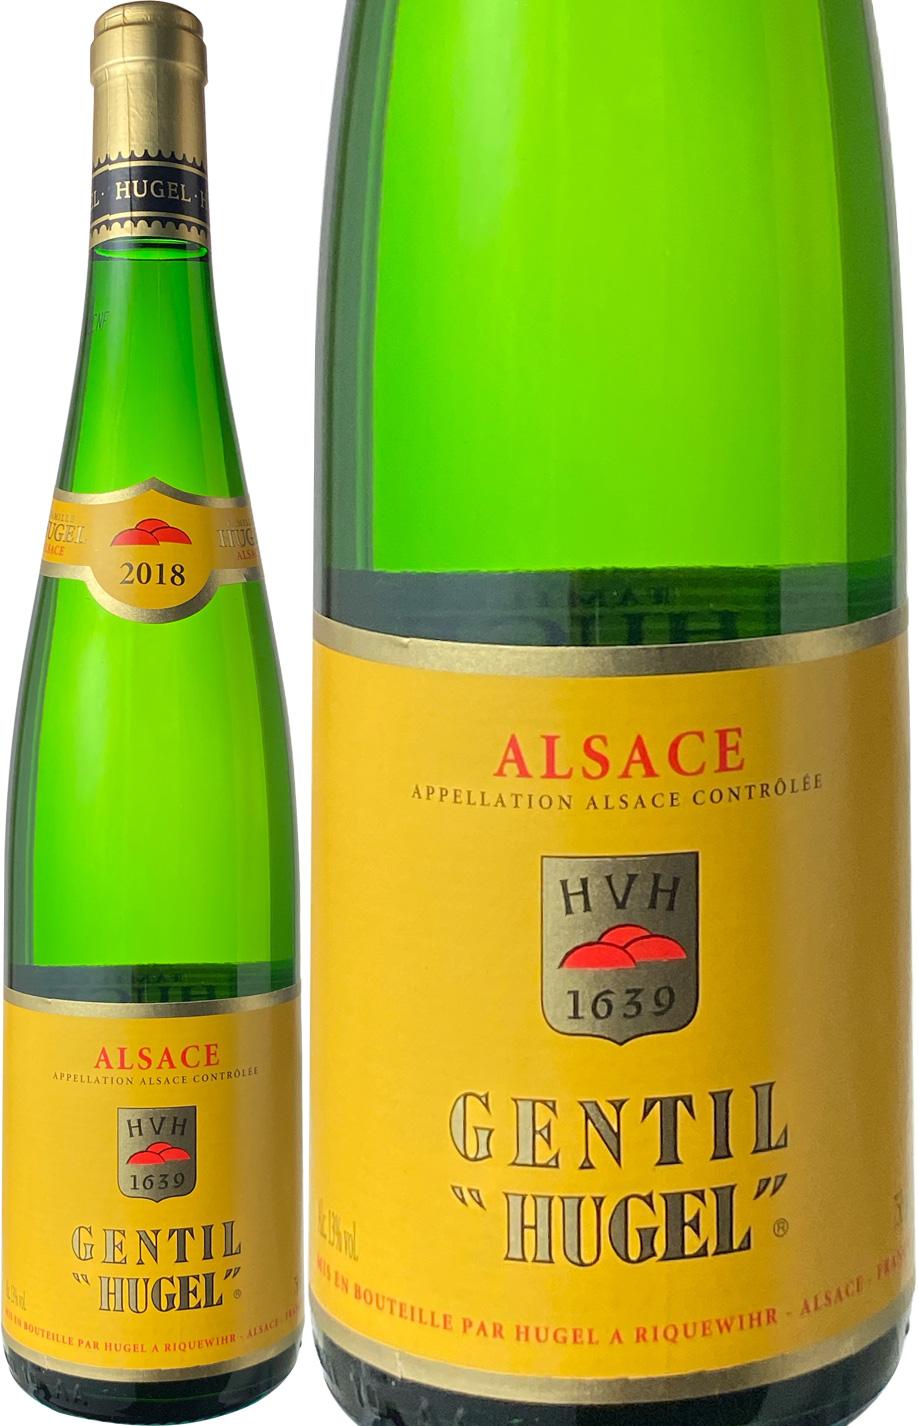 アルザス ジョンティ [2018] ヒューゲル <白> <ワイン/アルザス> ※ヴィンテージが異なる場合がございます